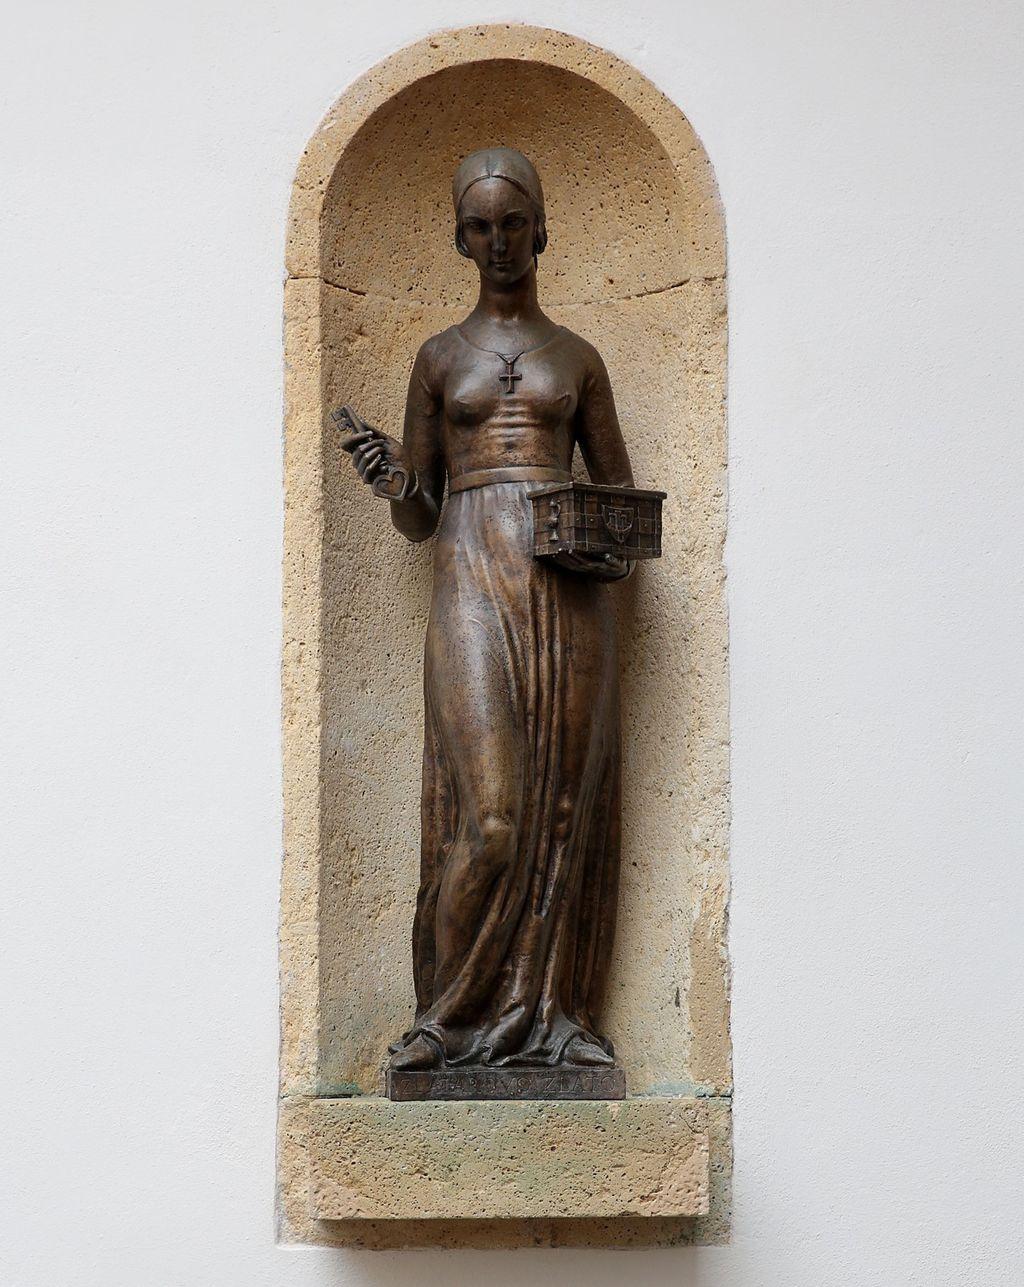 Još 1929. godine na pročelju Kamenitih vrata postavljen je kip Dore Krupićeve, rad kipara Ive Kerdića